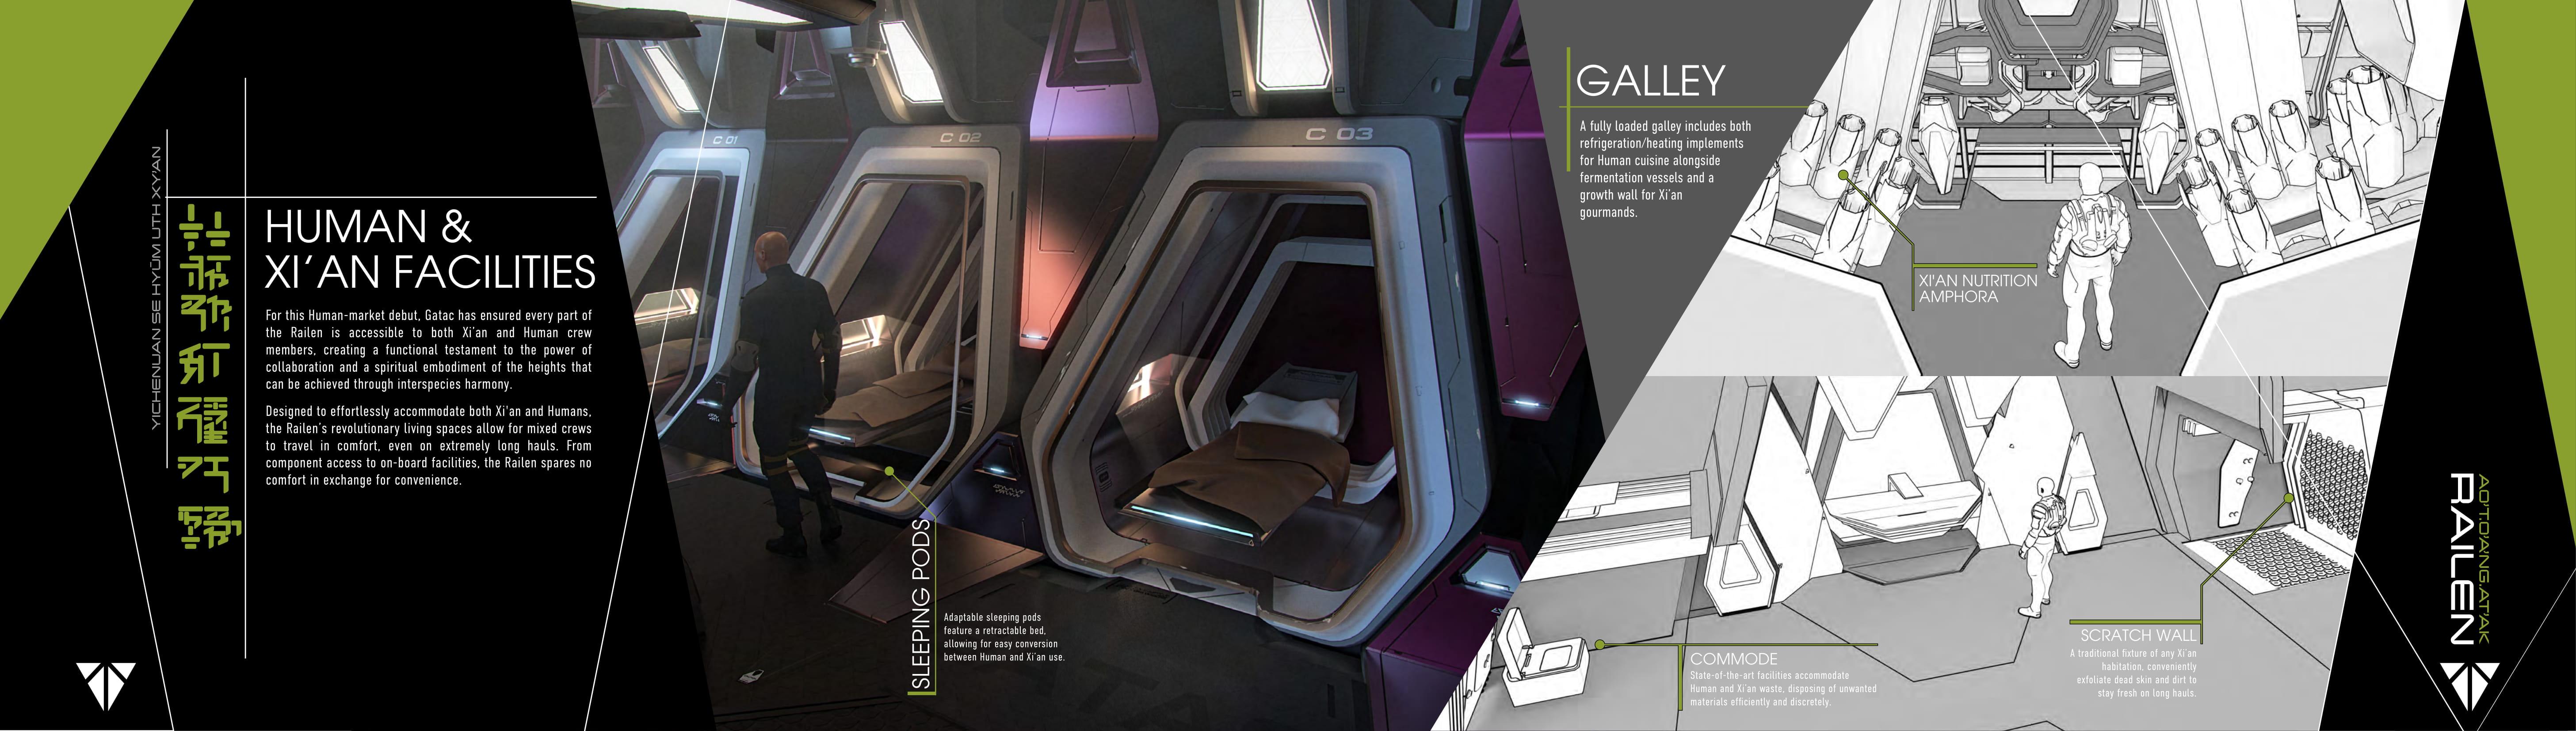 Xian_cargo_brochure-09